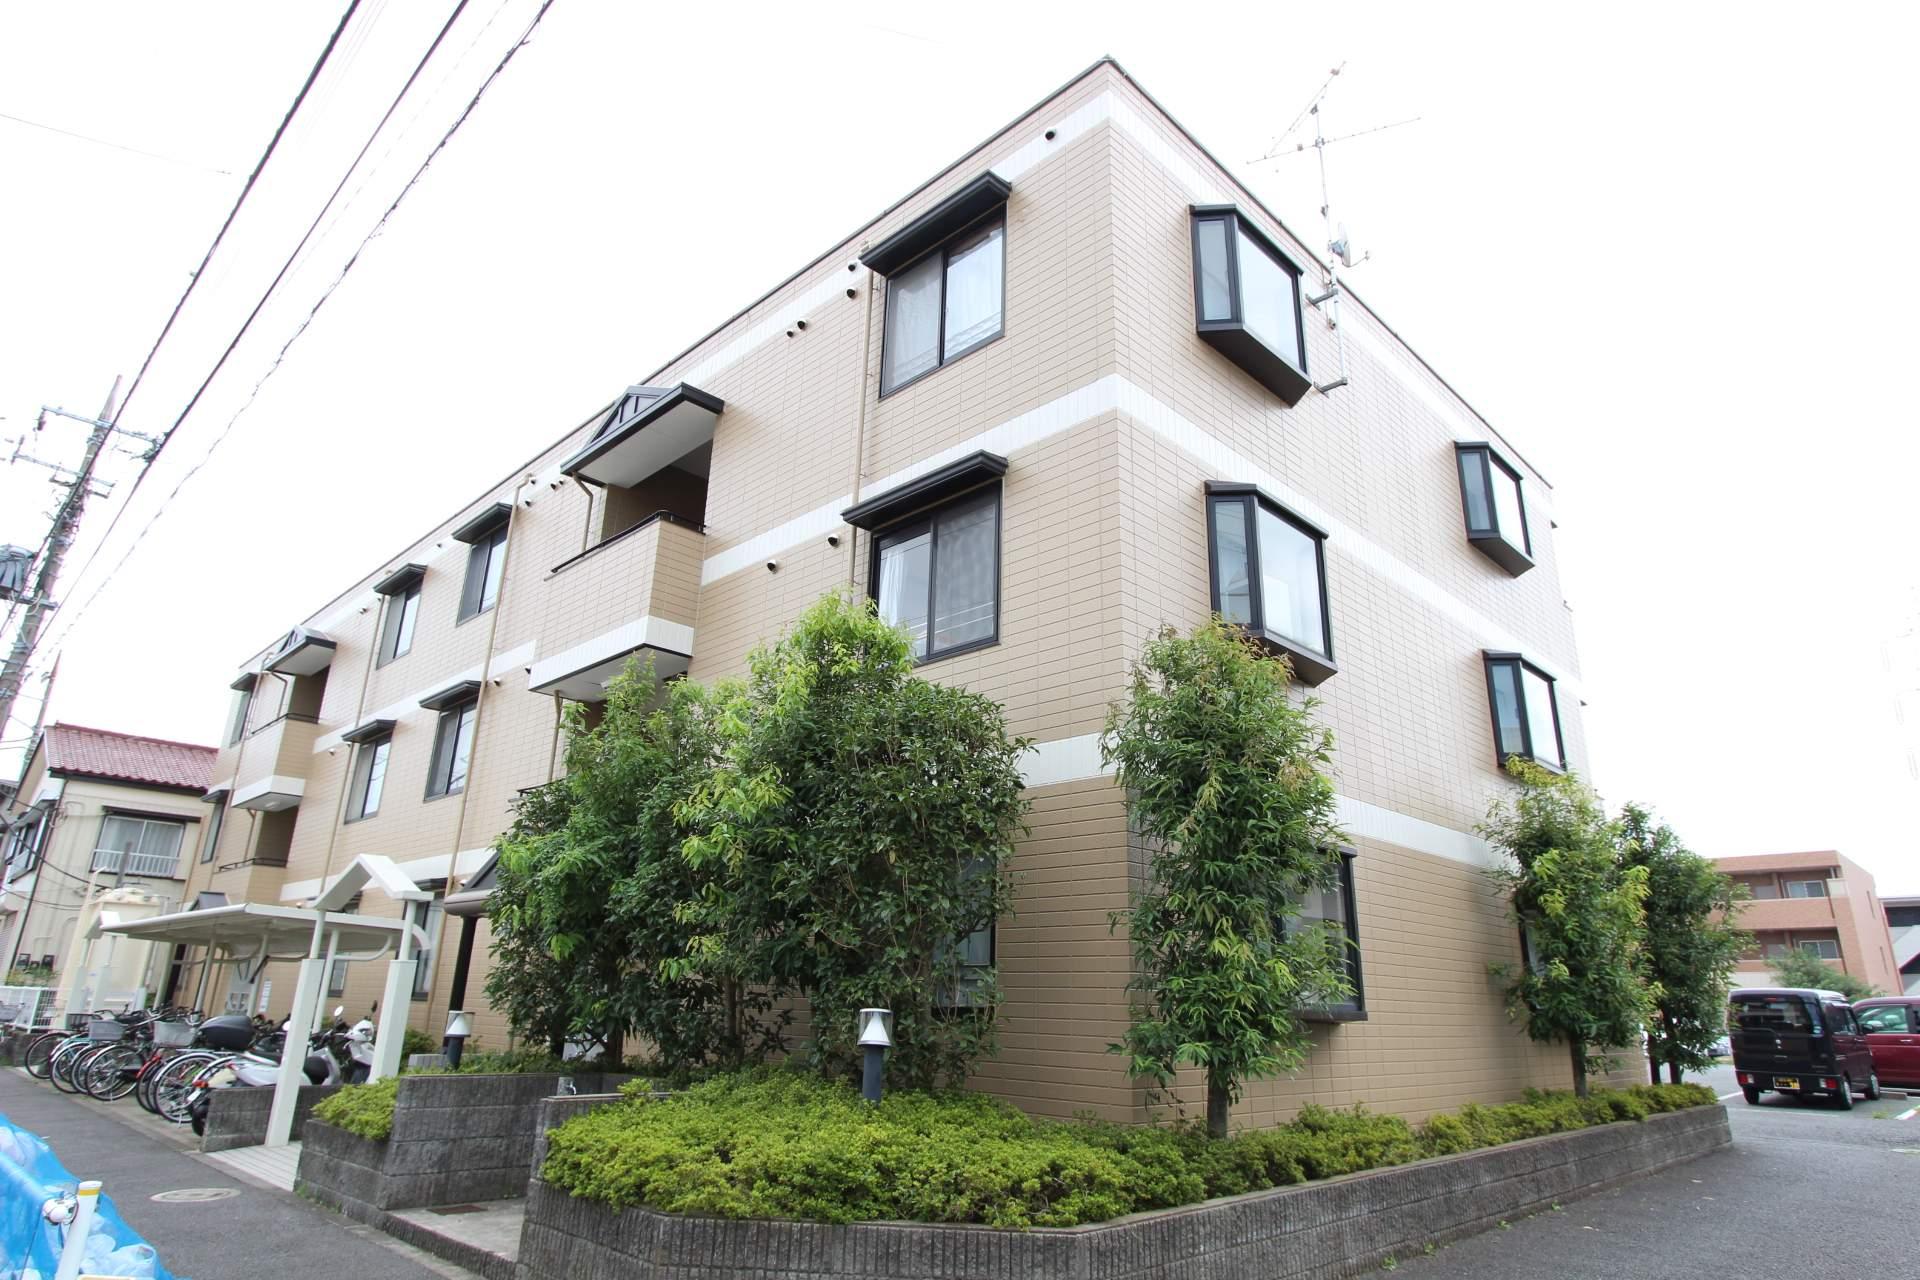 東京都葛飾区、新小岩駅徒歩28分の築23年 3階建の賃貸マンション